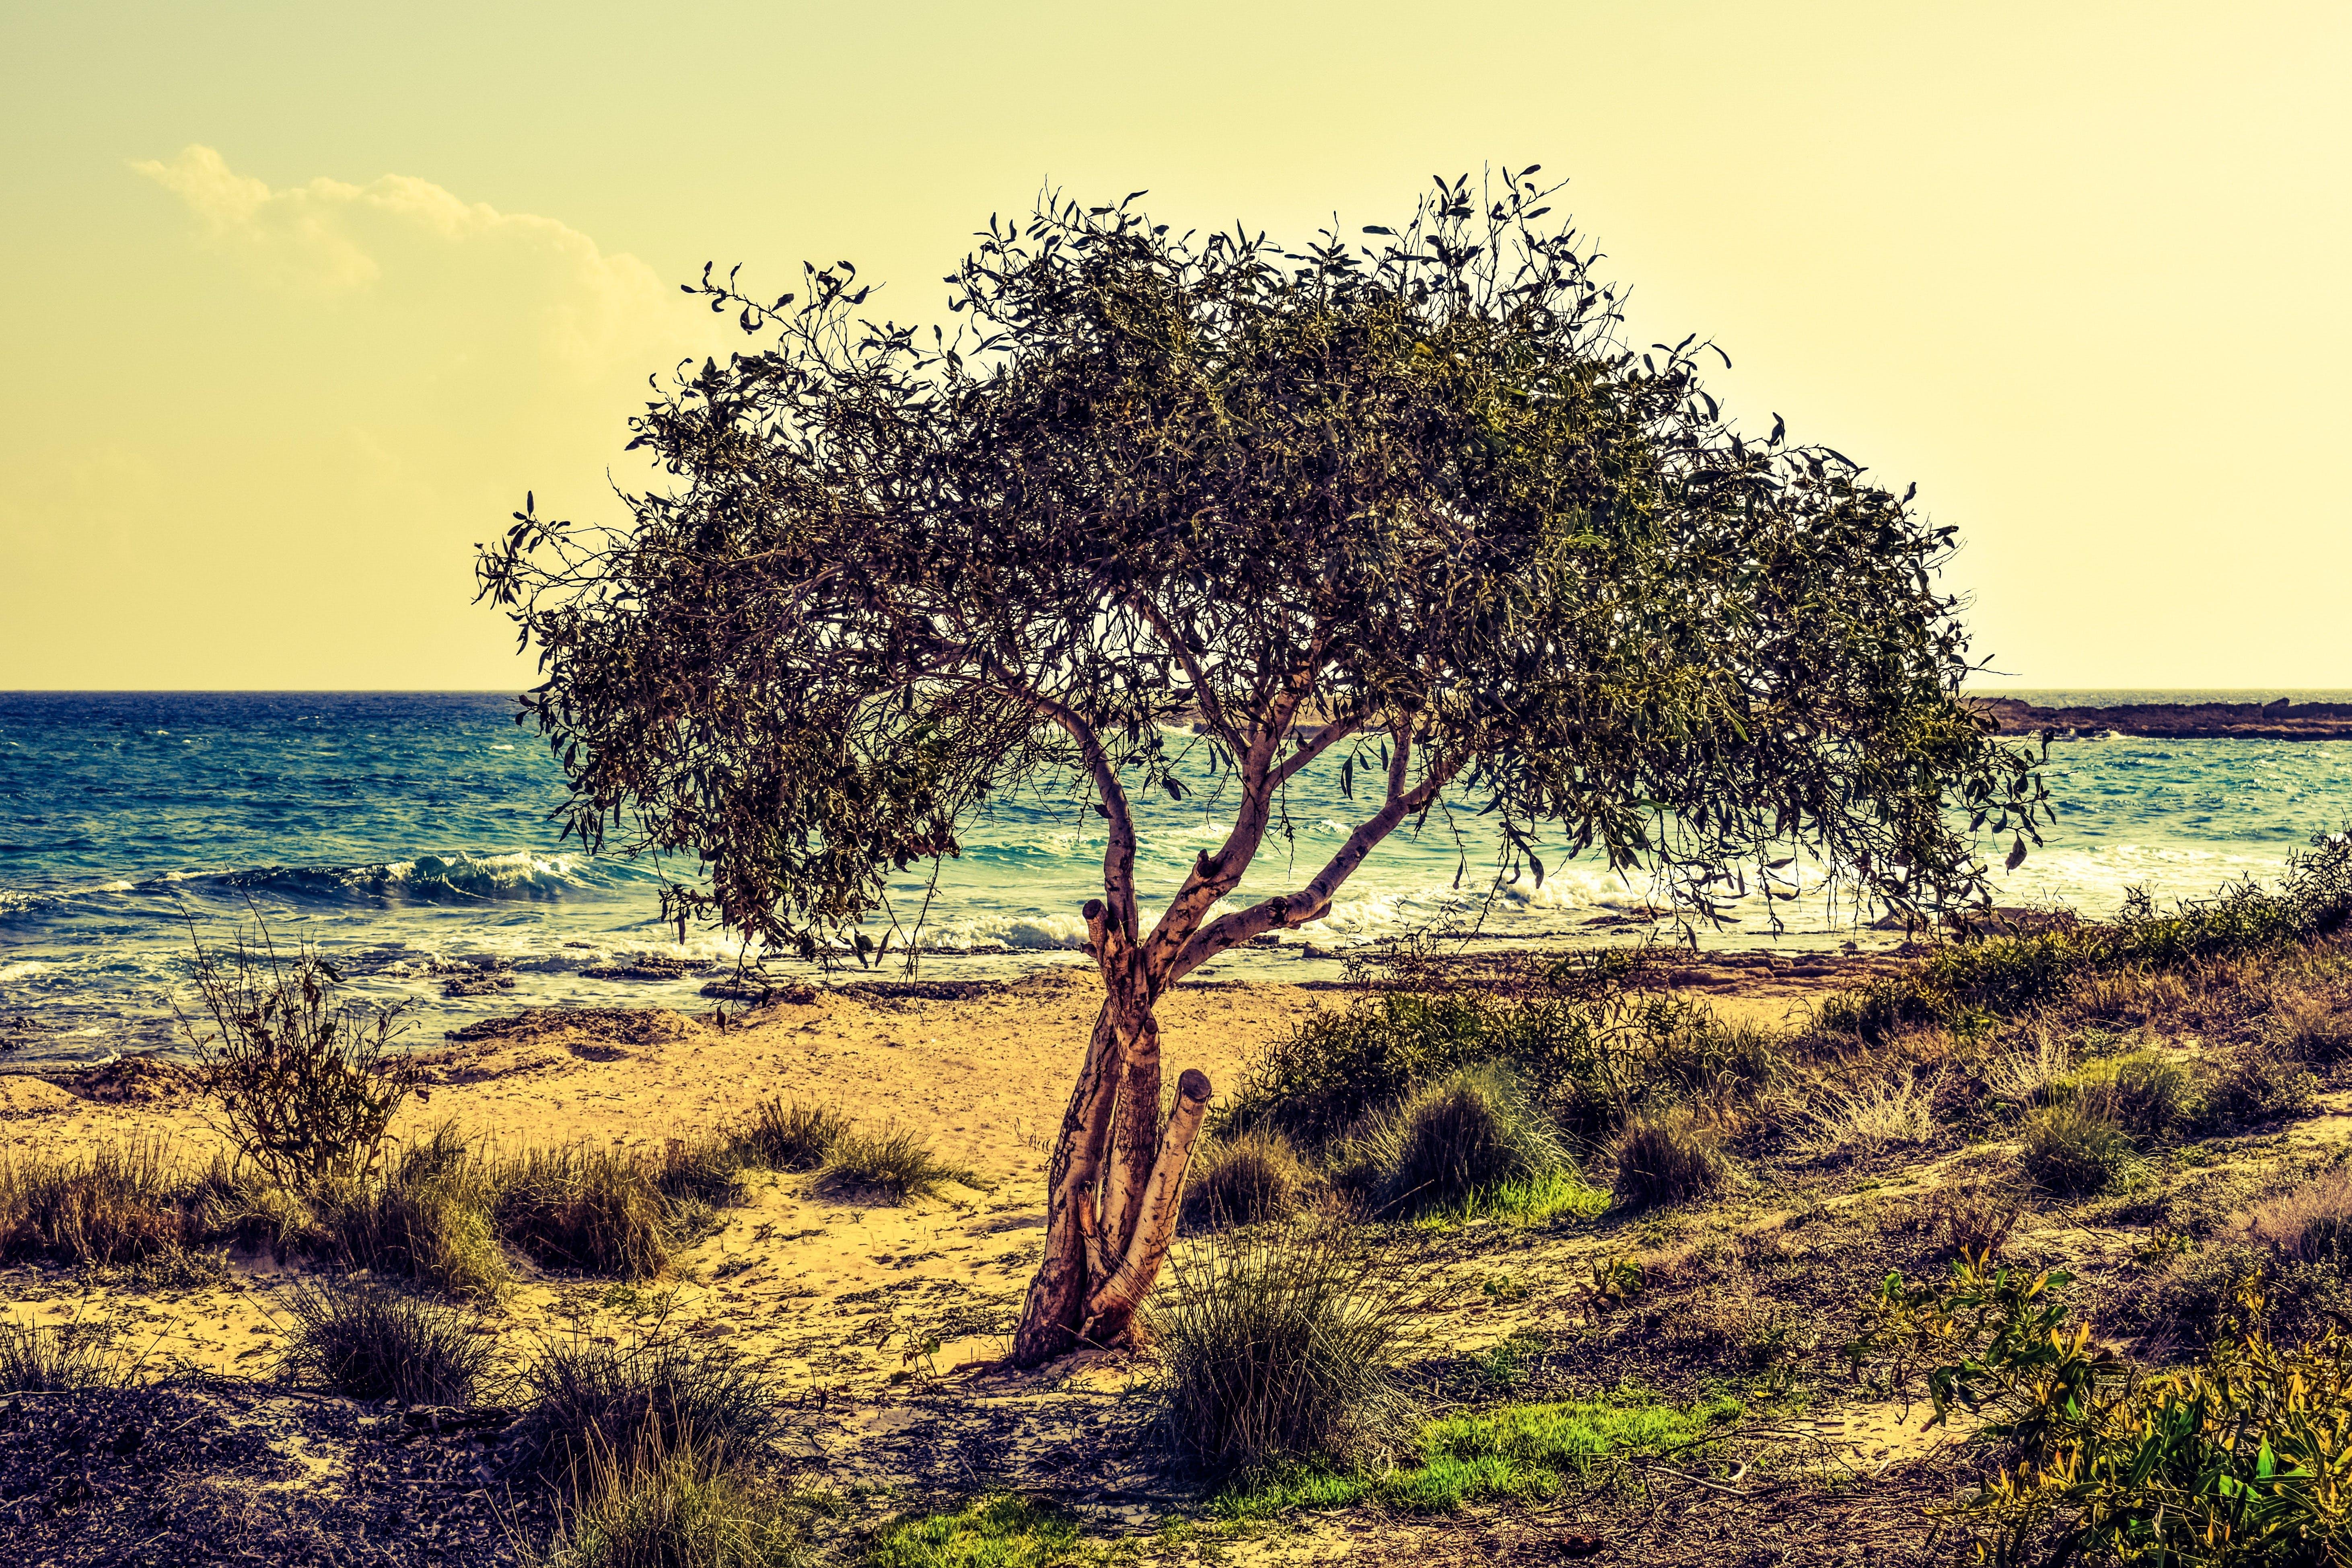 beach, beautiful, grass